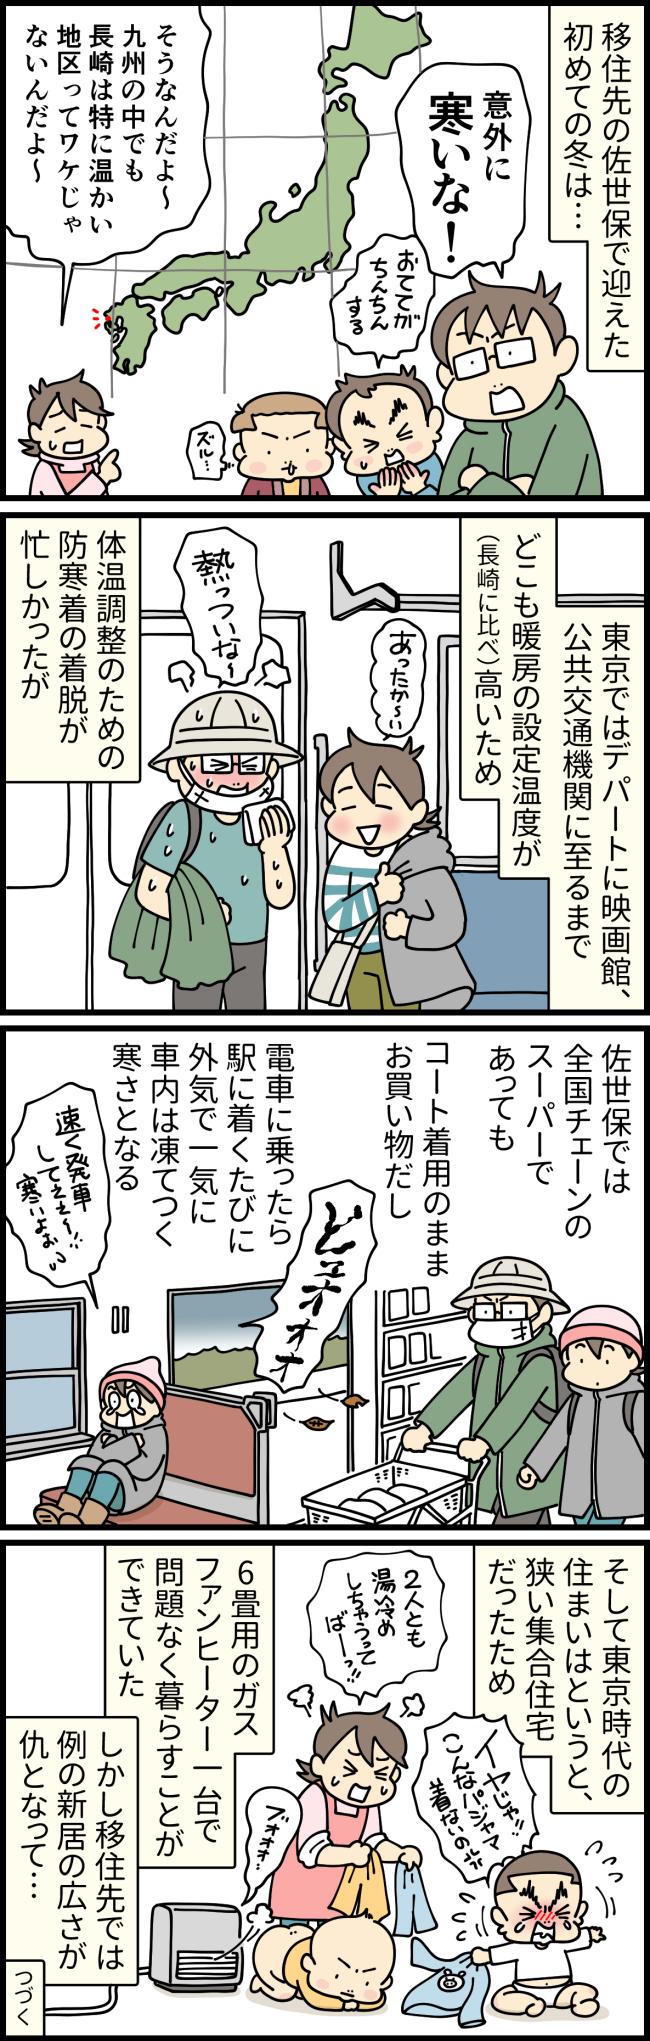 施設内や電車内などが暑い東京と、その逆の佐世保の両方を経験する大原由軌子とその家族